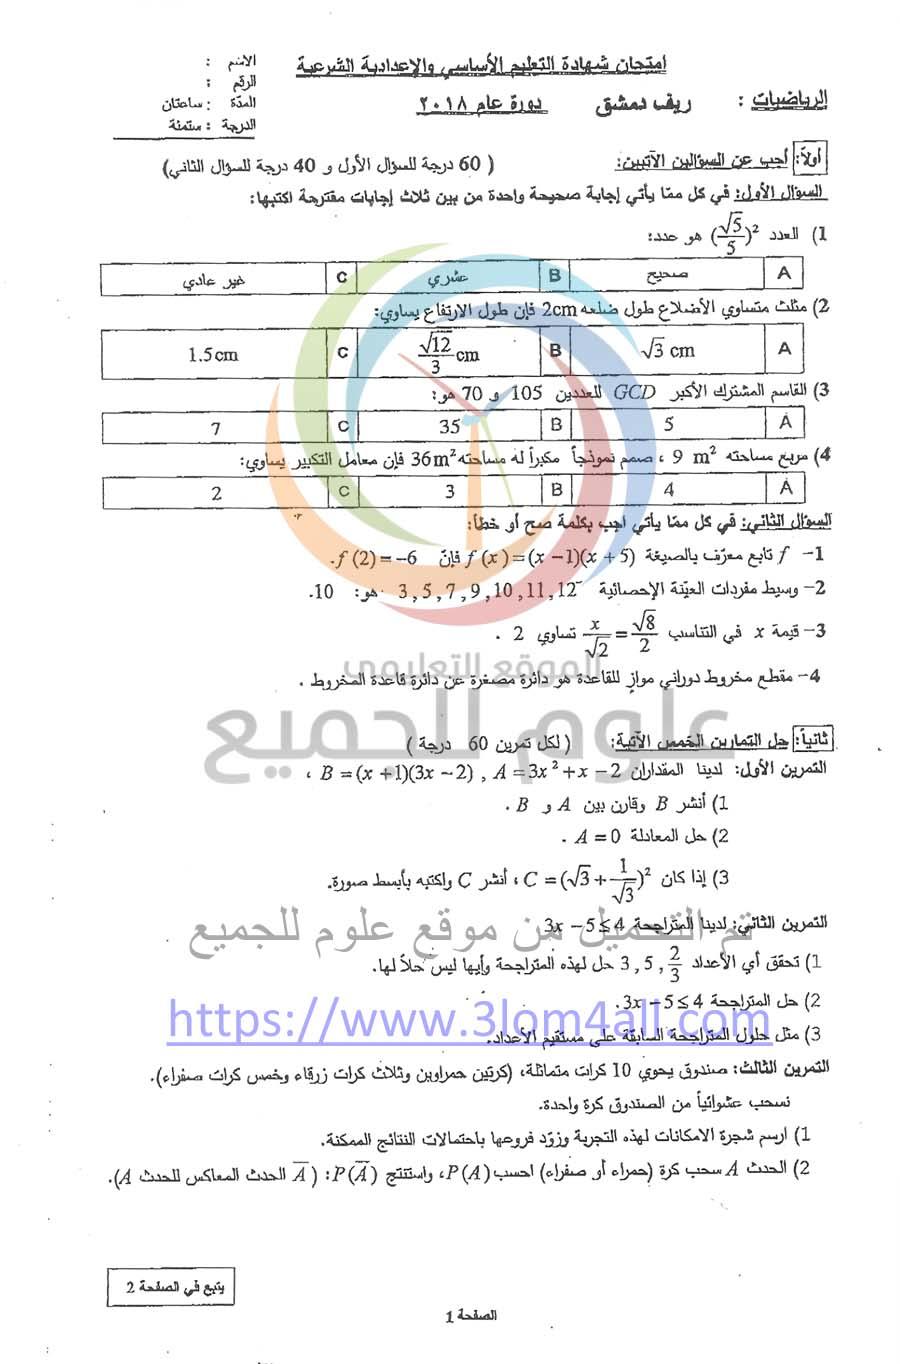 اسئلة الرياضيات تاسع دورة 2018 مع الحل- الامتحان النهائي سوريا